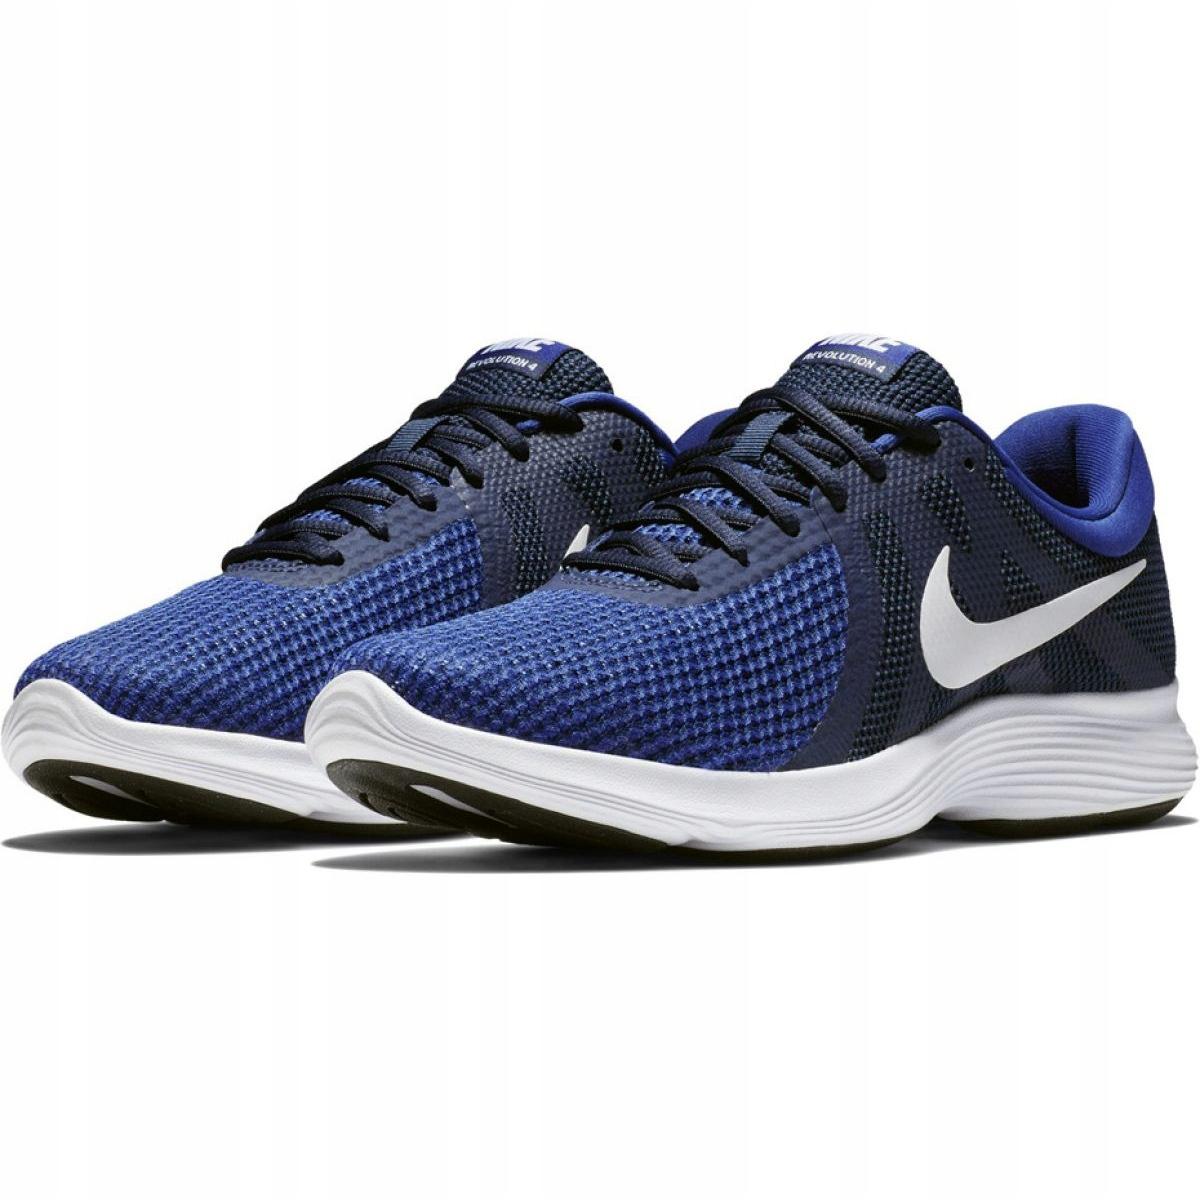 medida imagen Marchito  Nike Revolution 4 Eu M AJ3490 414 shoes navy - ButyModne.pl